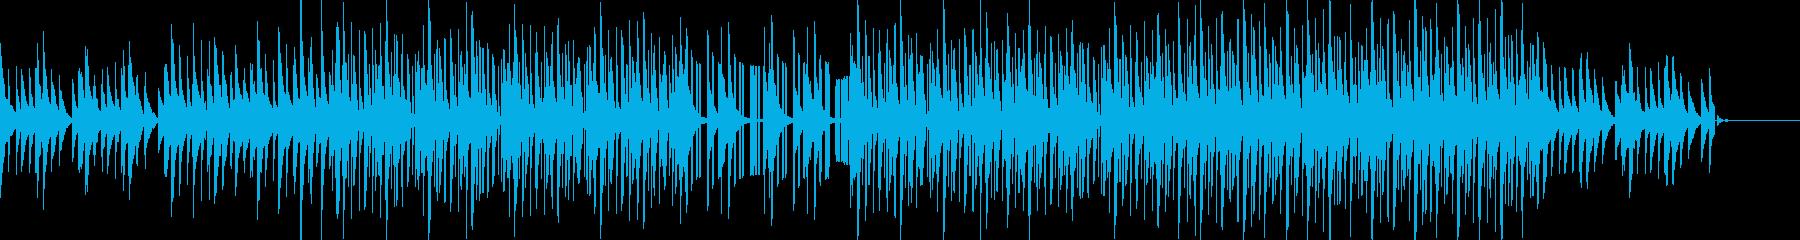 トロピカルでリラックスなパリピサウンドの再生済みの波形